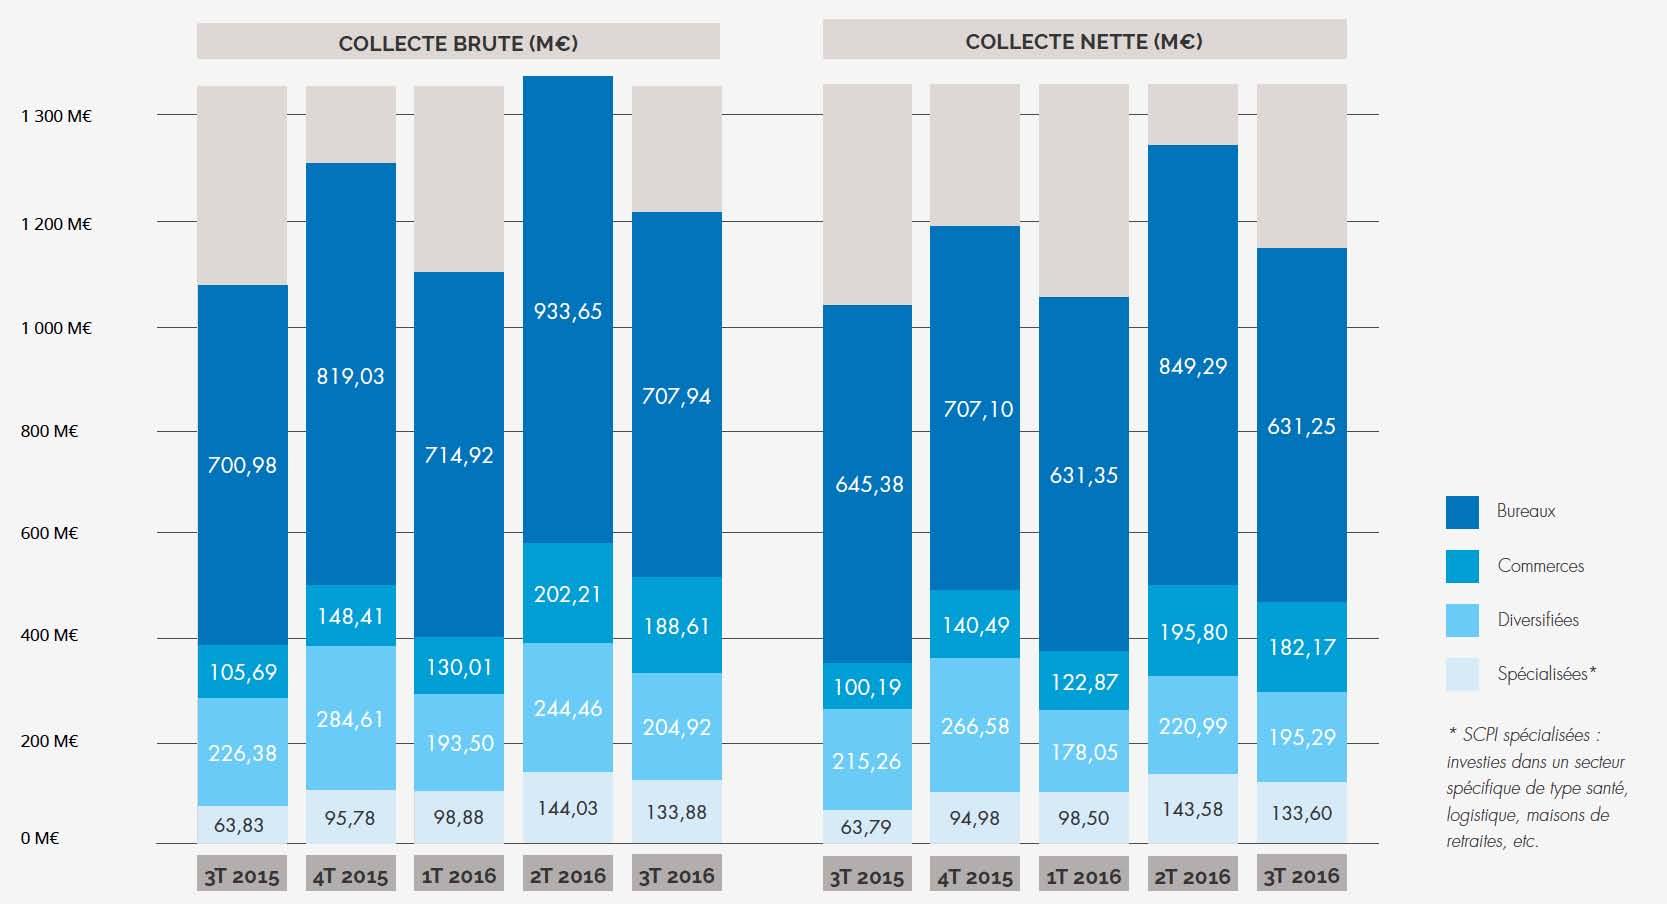 les scpi de rendement ont collecte 1 14 milliard d euros soit 11 4 de plus qu au troisieme trimestre 2015 une nouvelle fois les scpi de bureaux